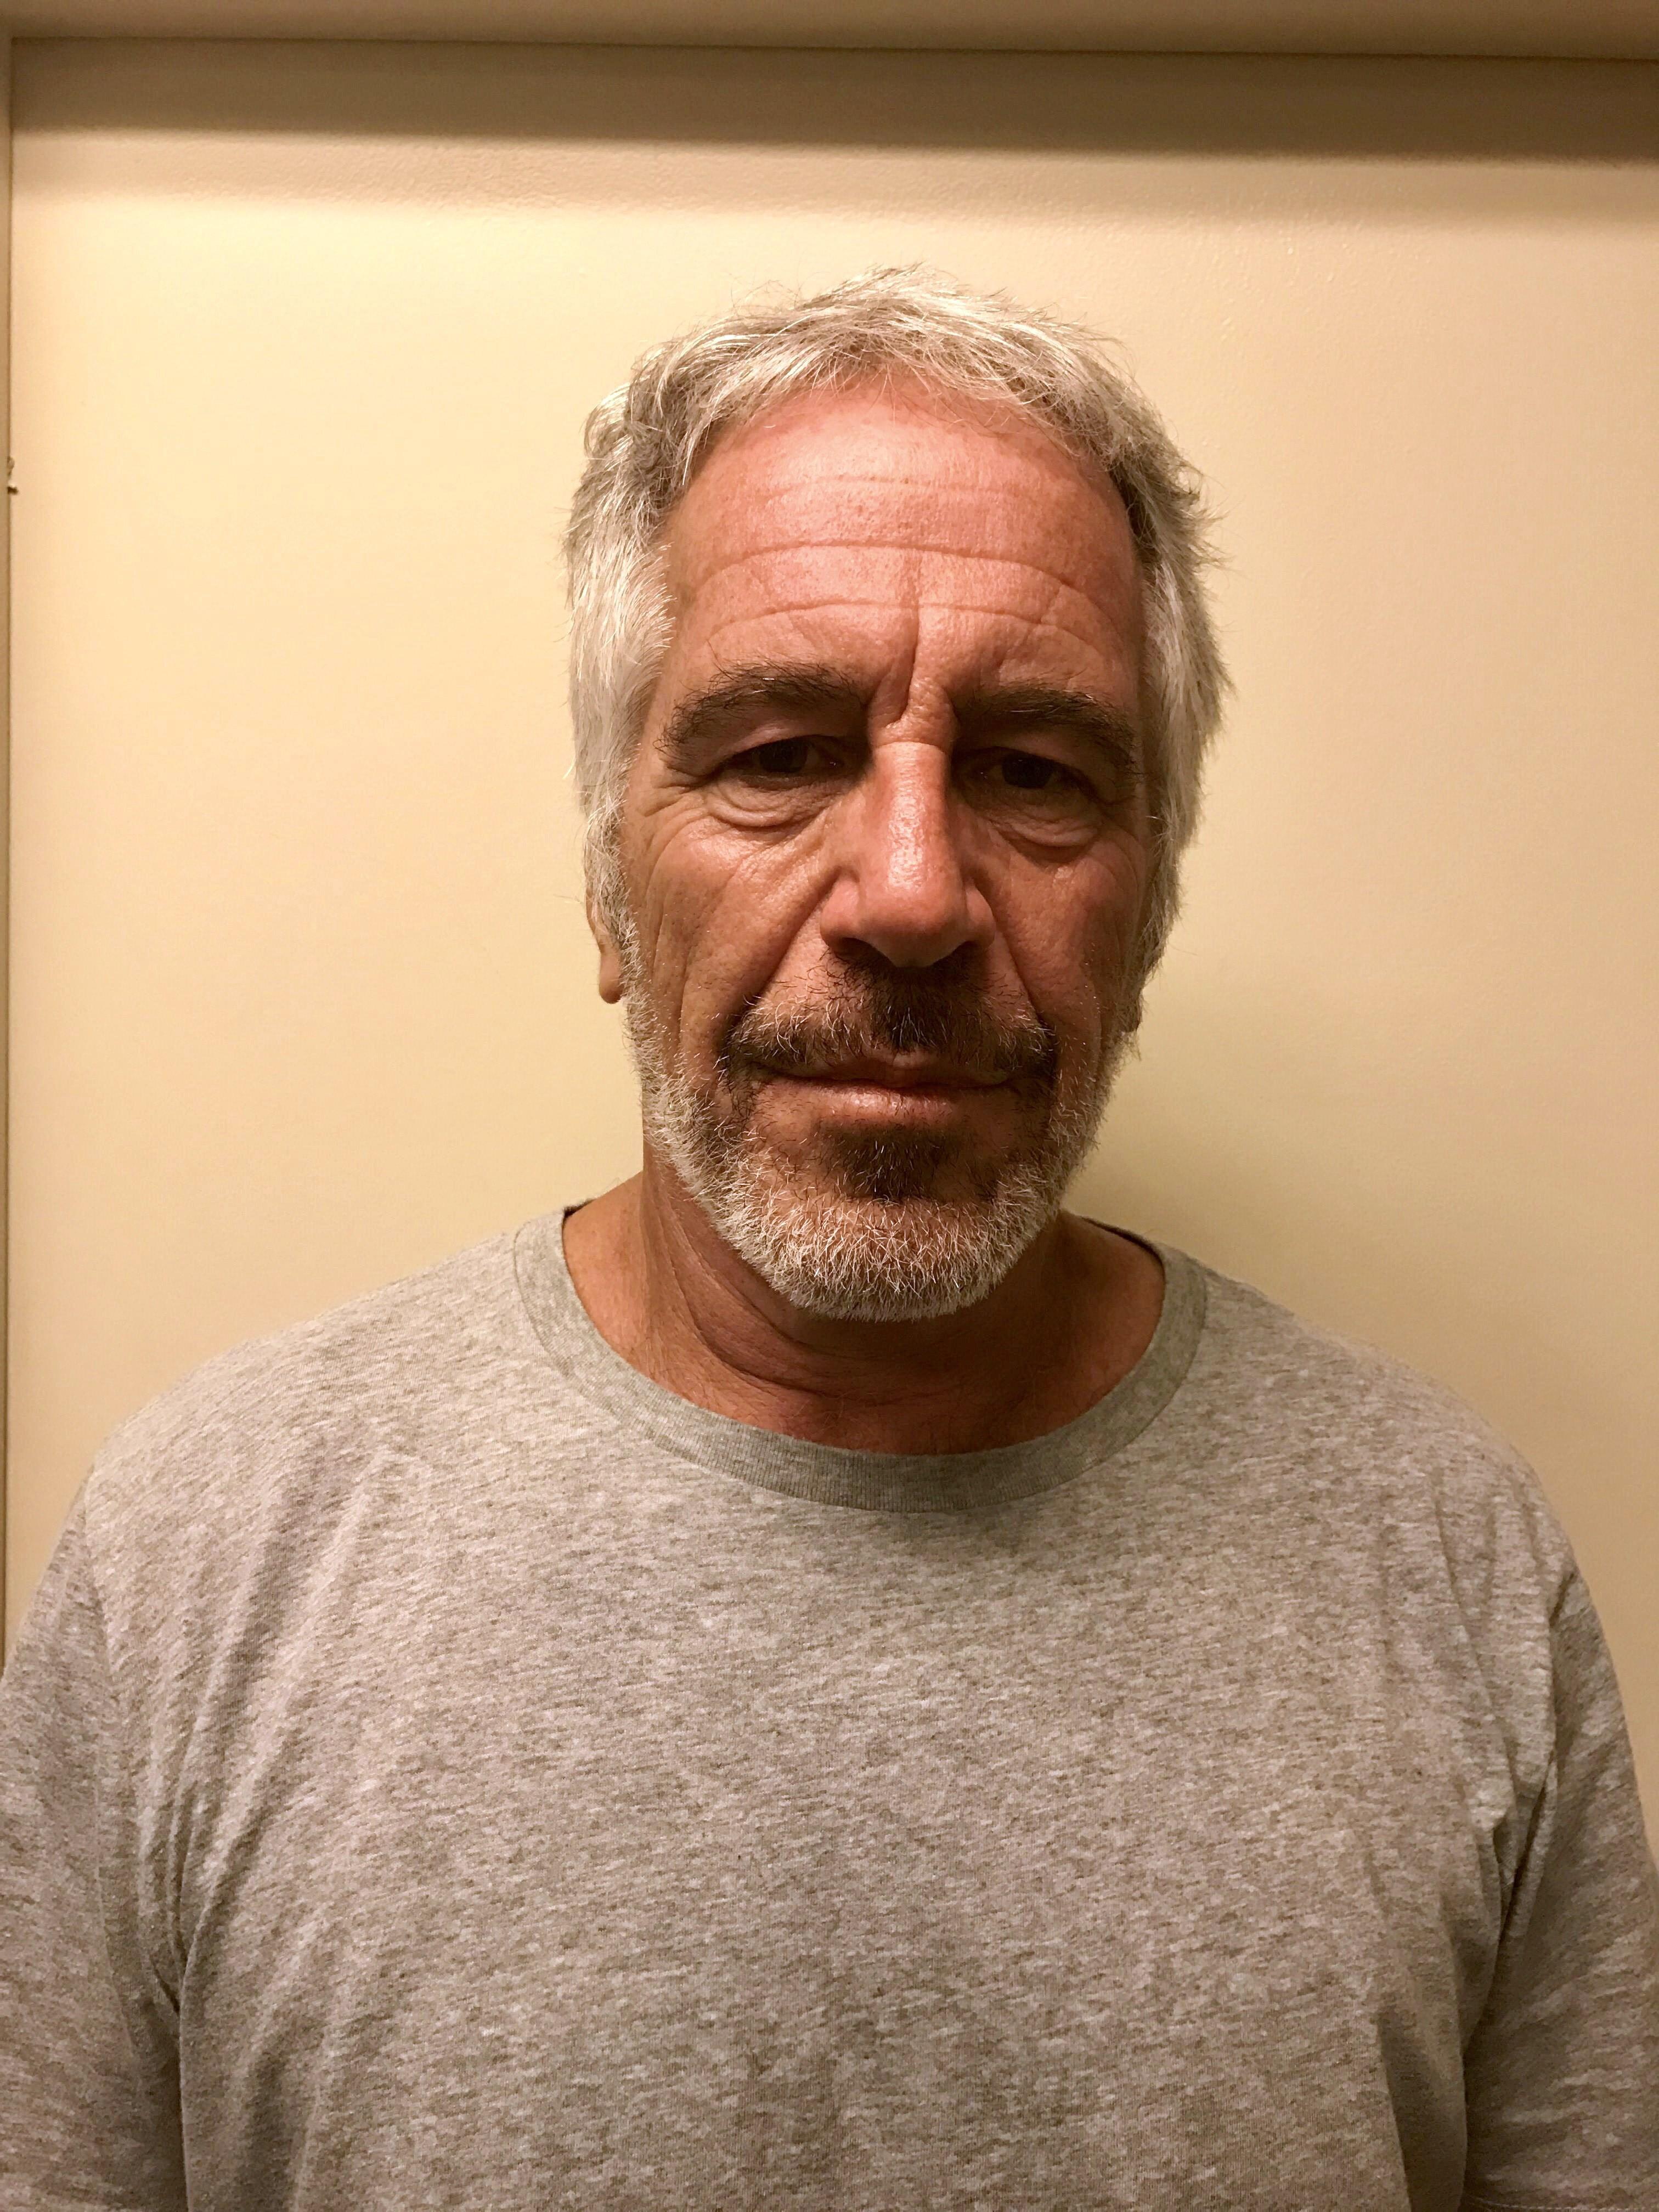 Jeffrey Epstein el 25 de julio desde la cárcel. Foto de EFE/ EPA/ New York State Division of Criminal Justice